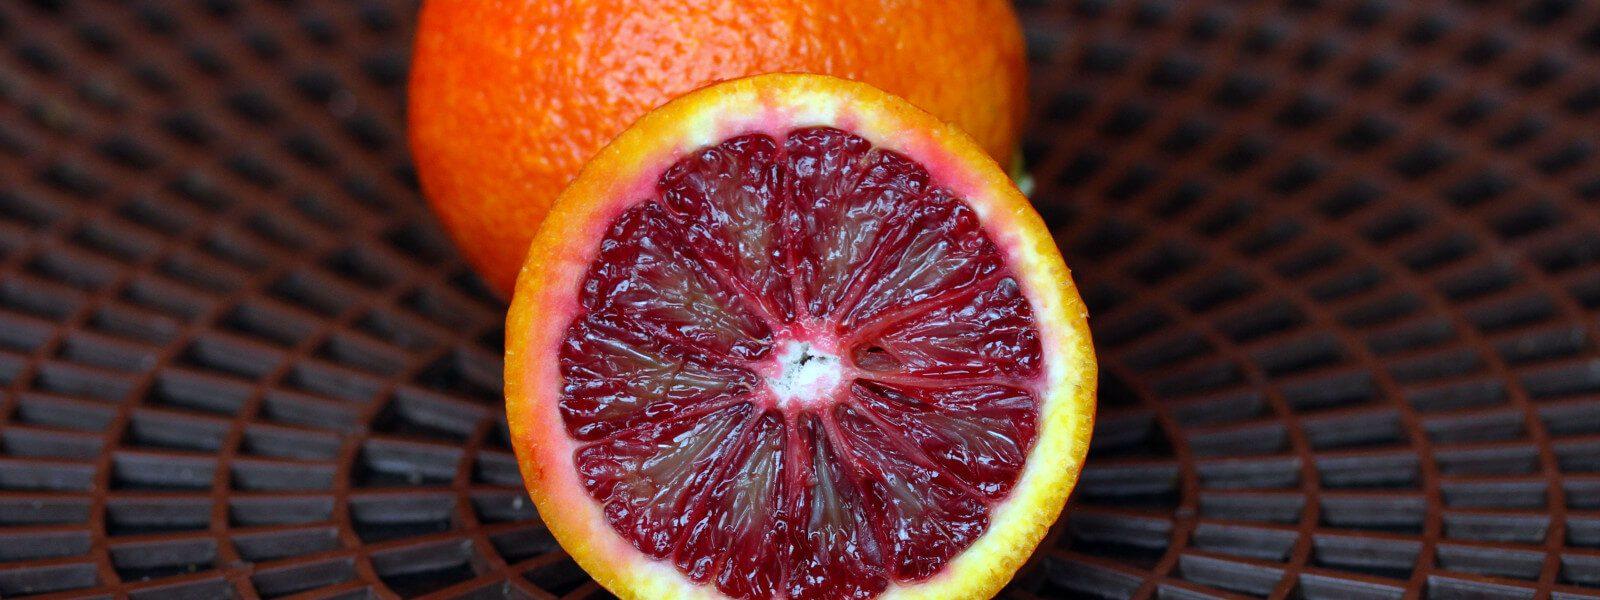 print-citrus-3-1.14.2014